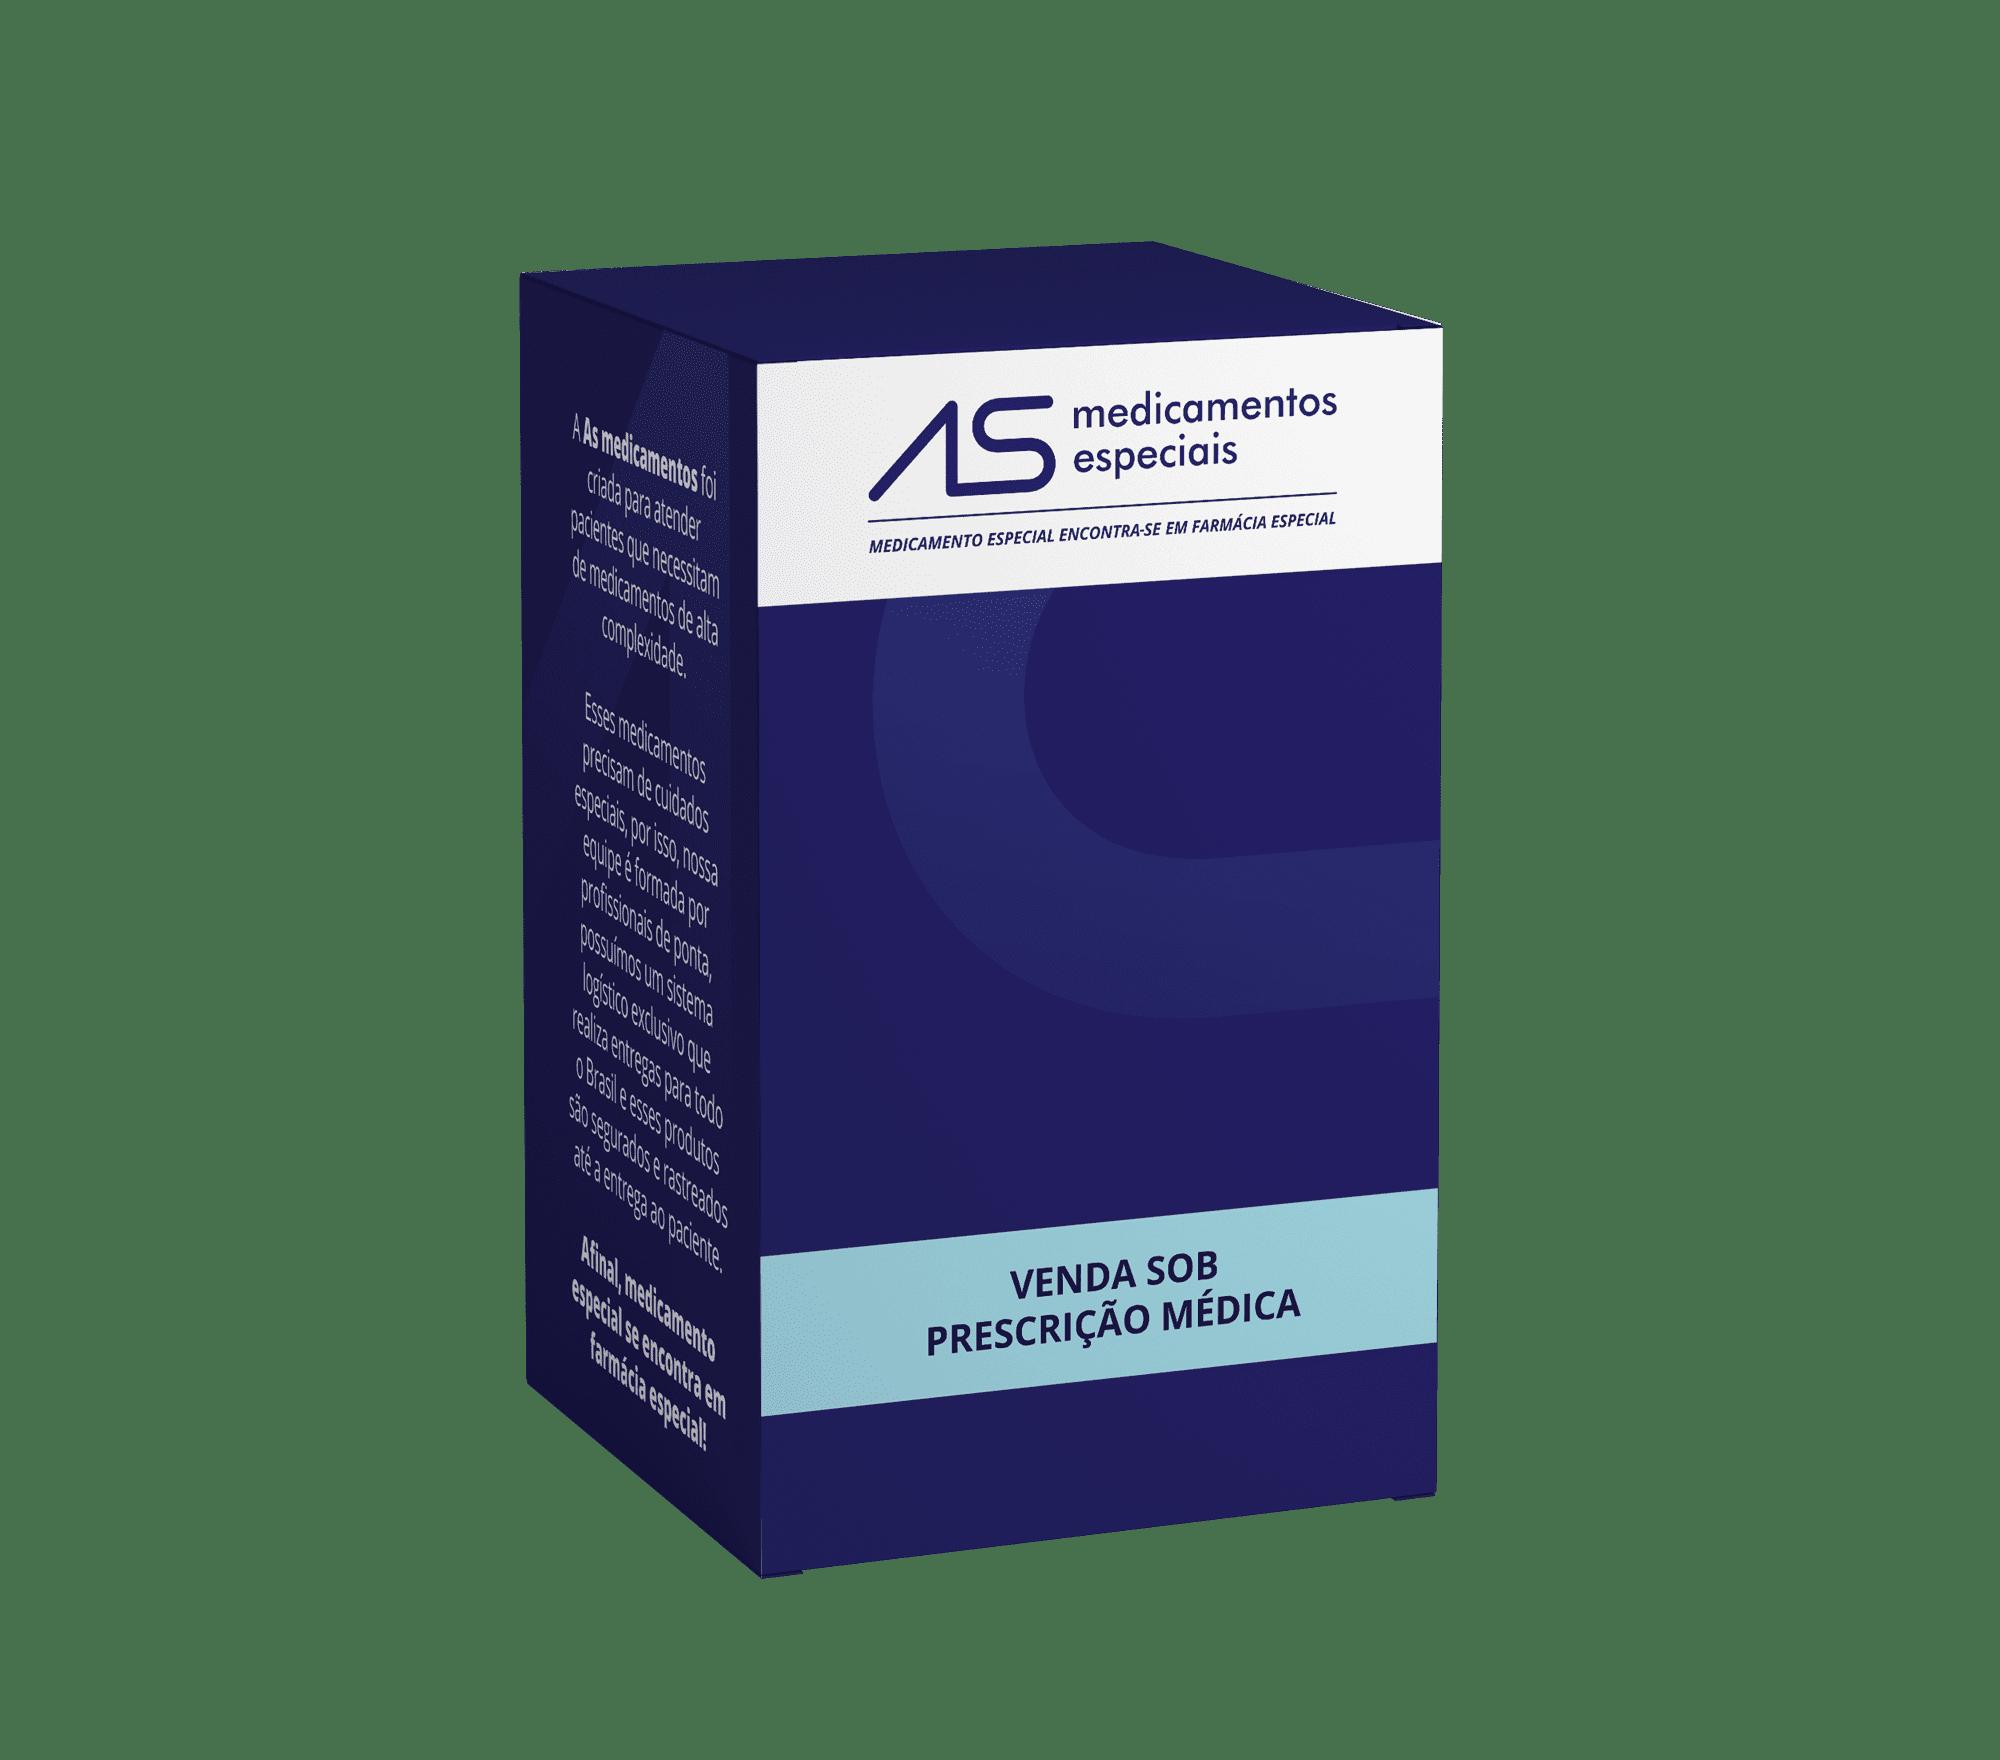 BRINTELLIX 10MG 30 COMP. - R$164,90 (medicamento controlado, venda pelo 0800 580 0105)